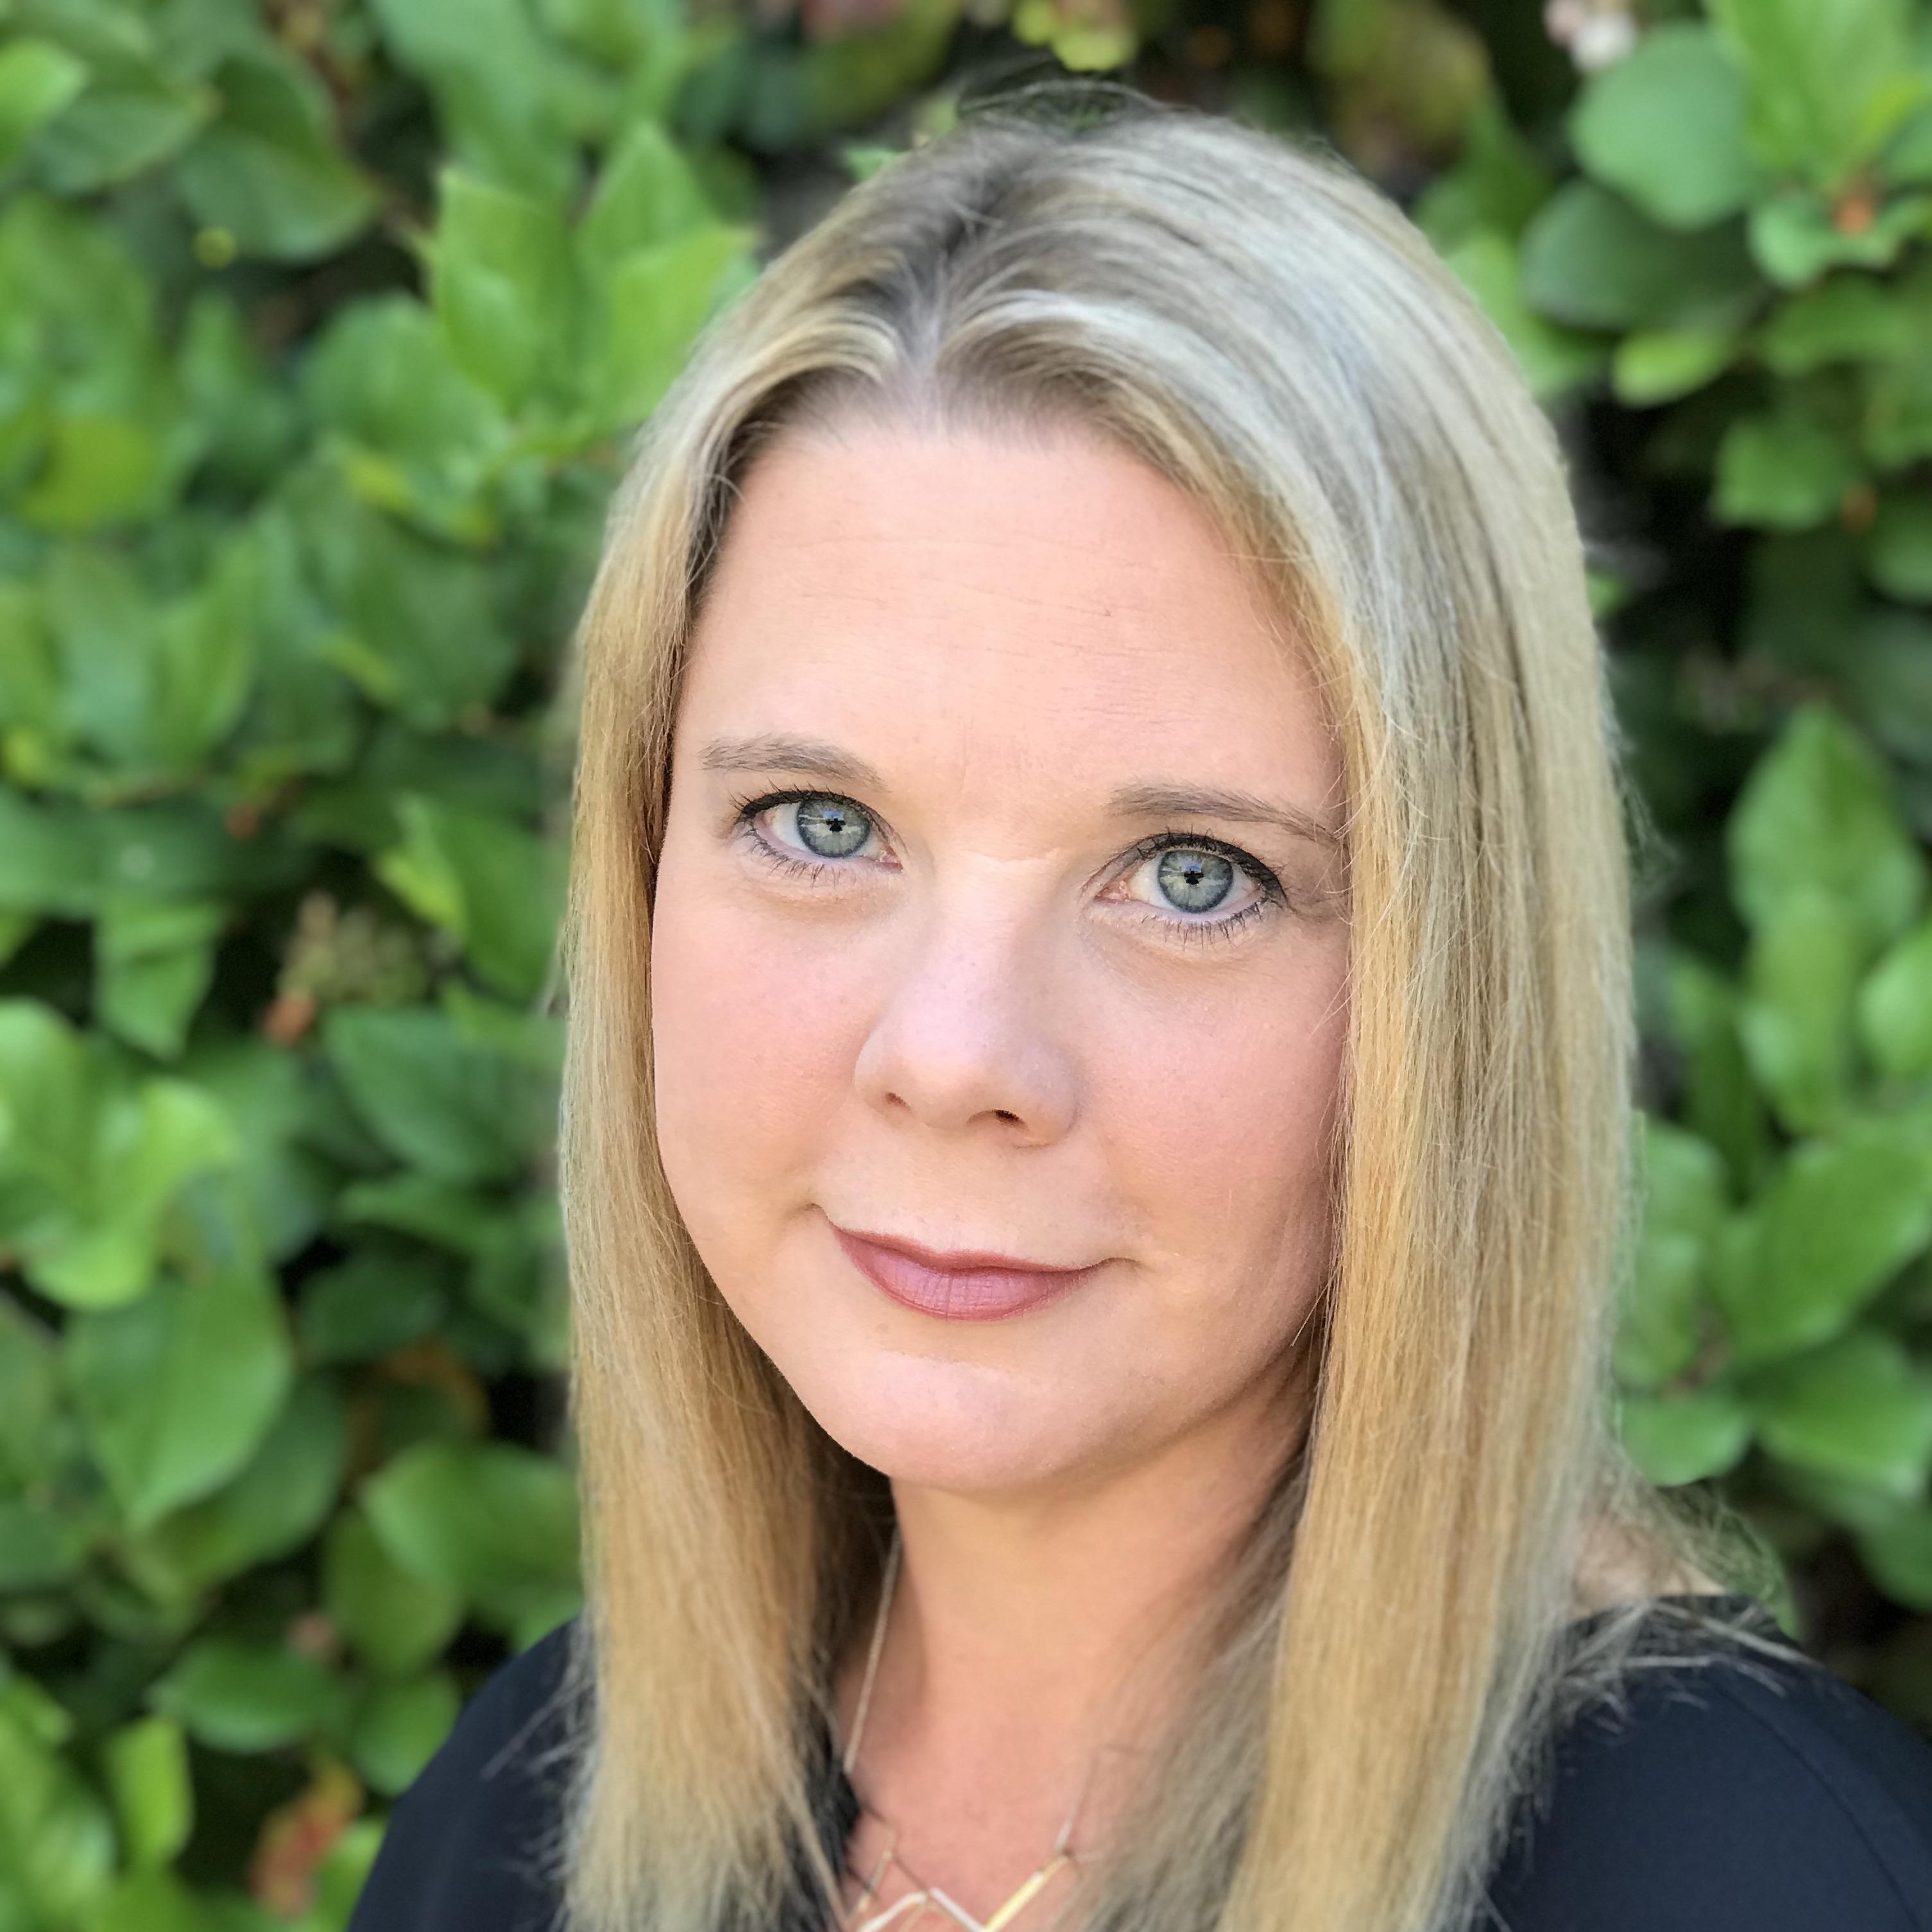 Julia Hokanson